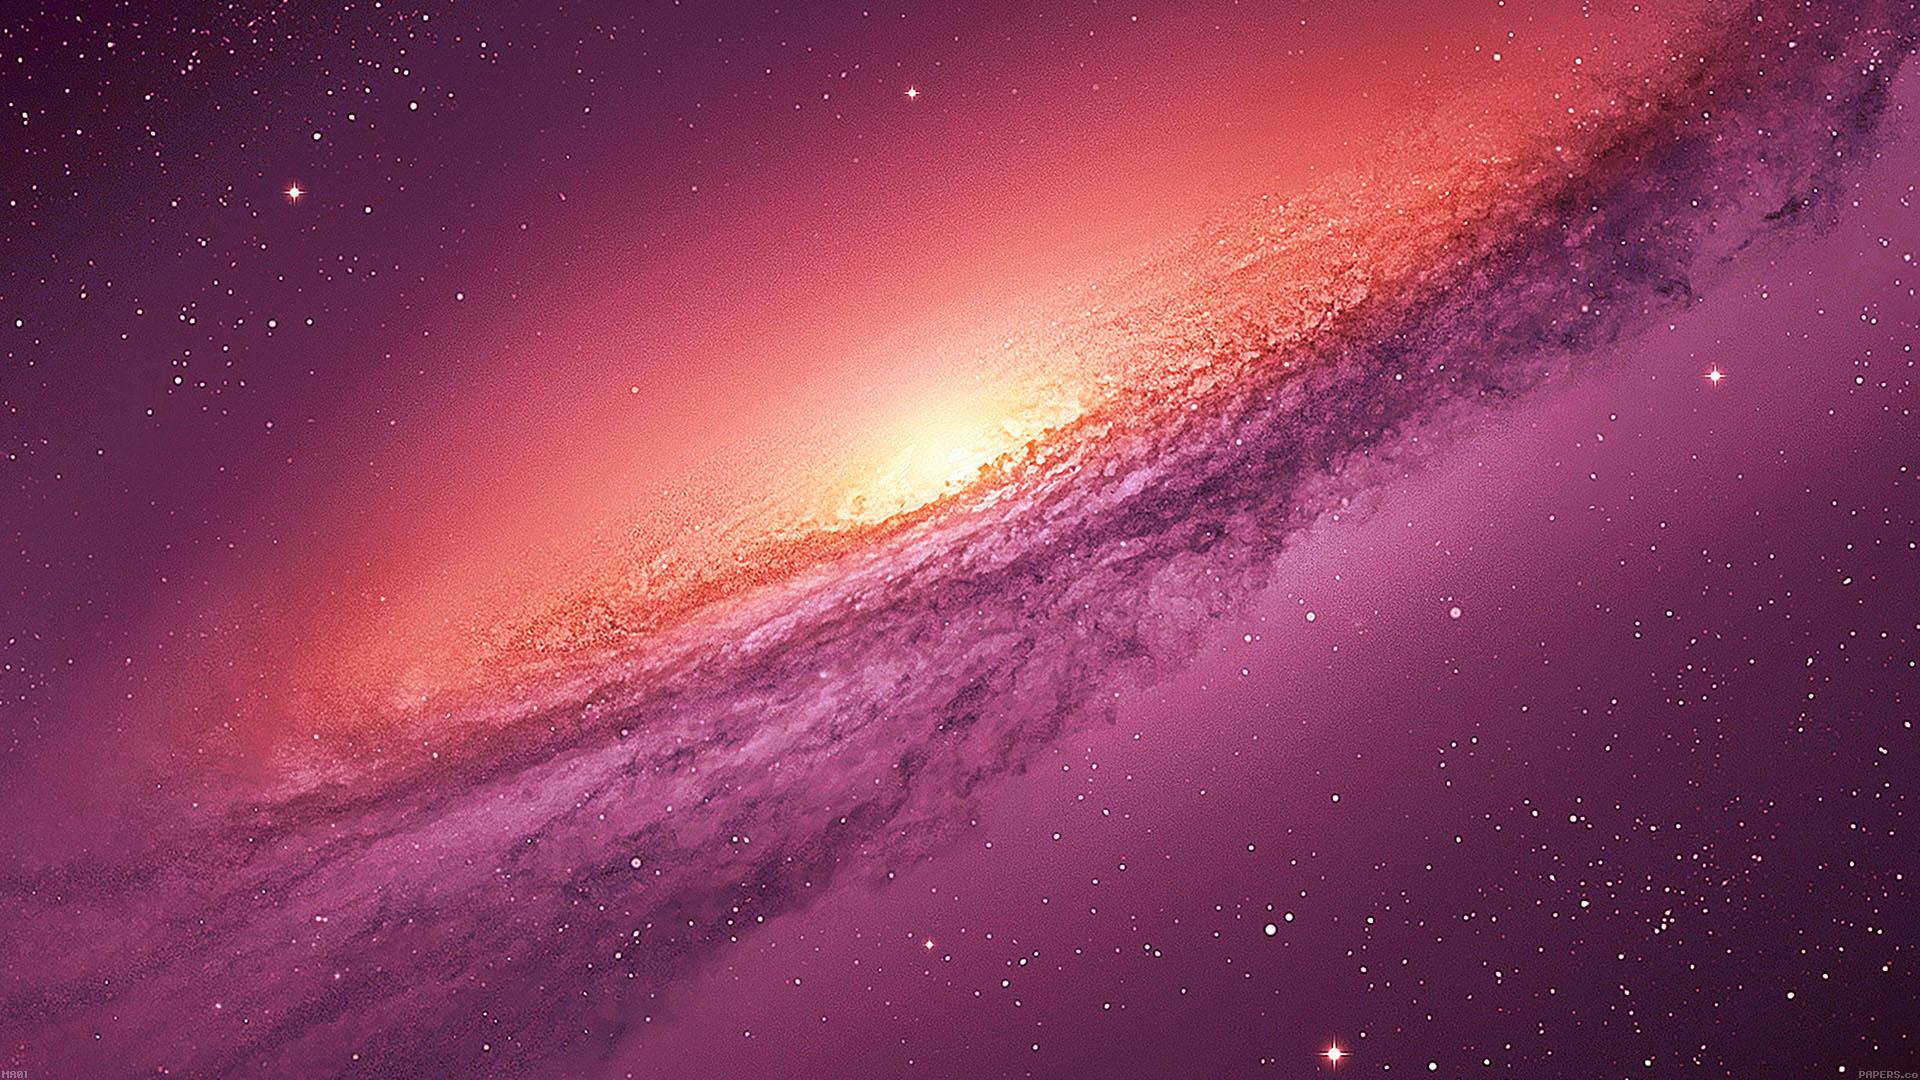 wallpaper for desktop, laptop | ma01-purple-galaxy-space ...